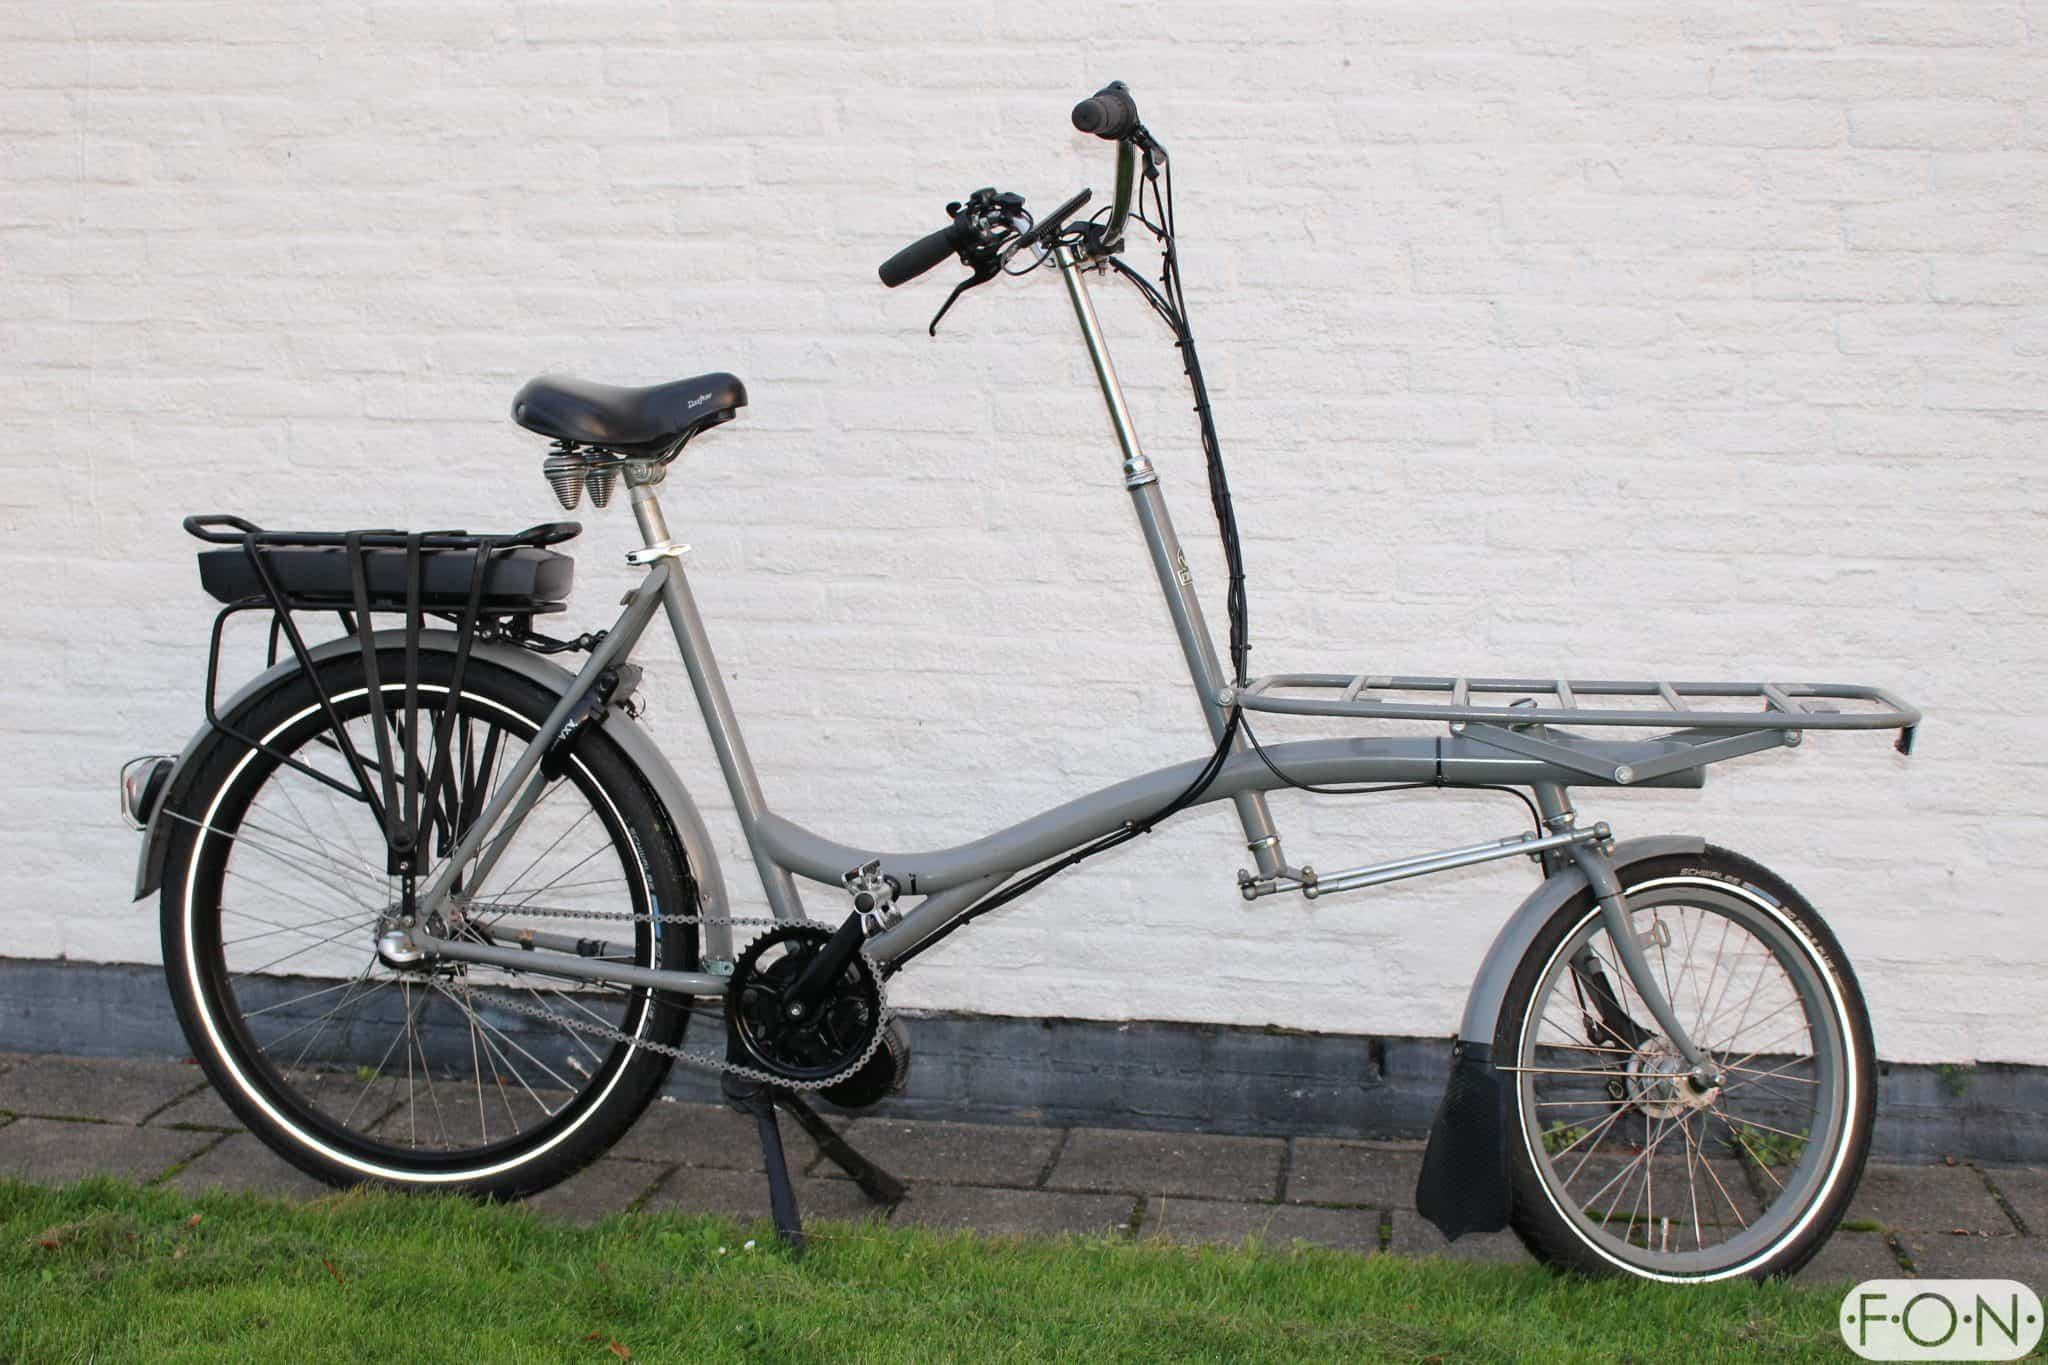 Kronan Transportfiets Bafang Middenmotor FONebike Arnhem 2551